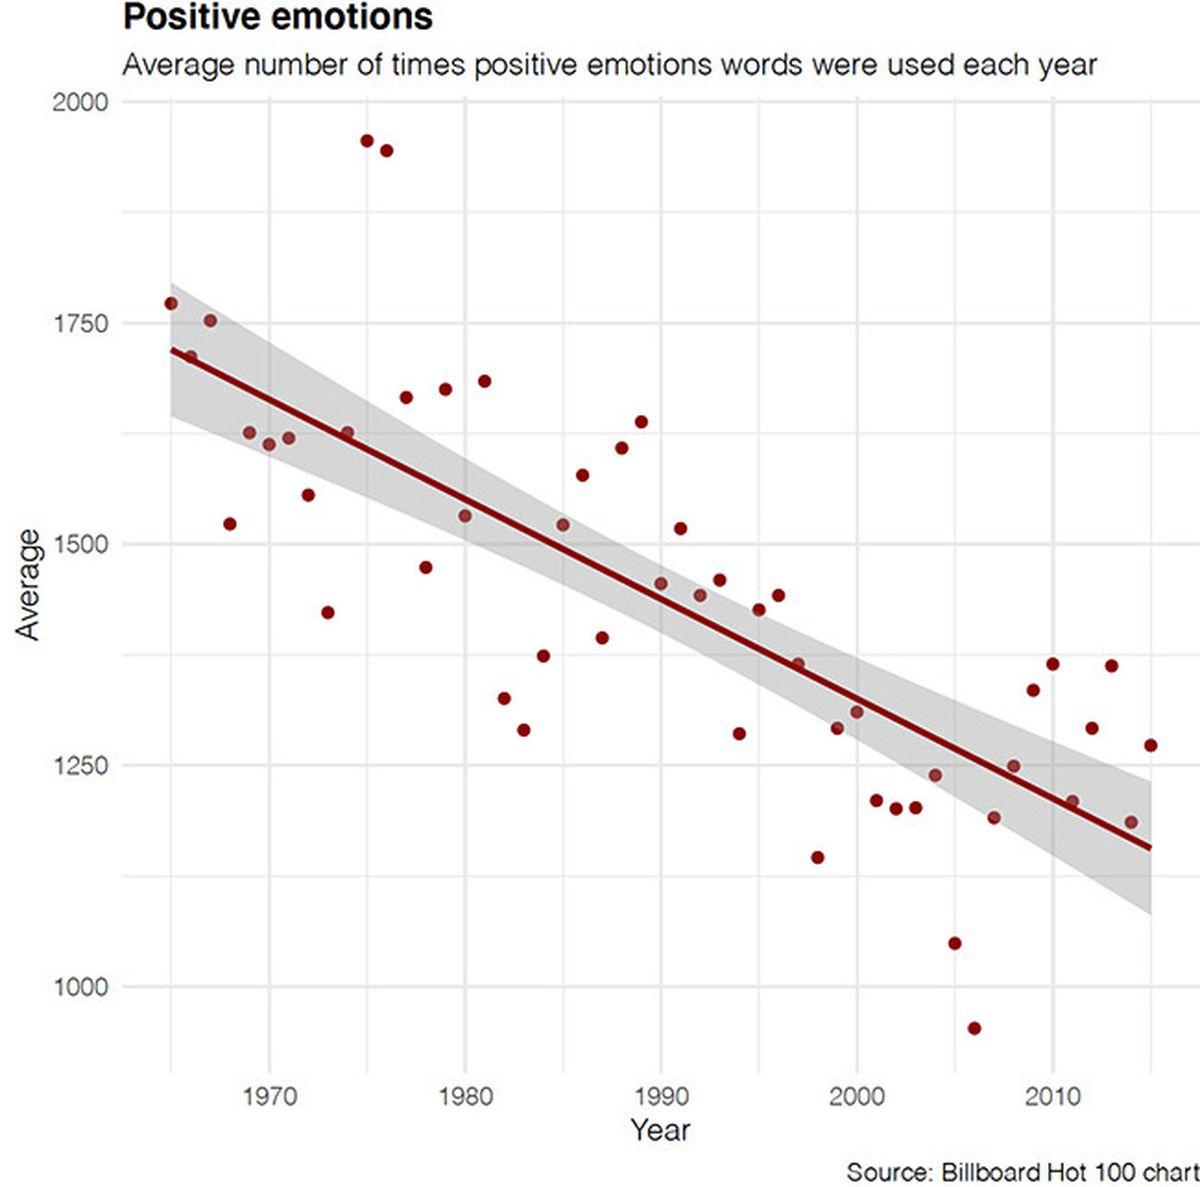 Une analyse sur des centaines de milliers de chansons indiquent que les émotions négatives sont plus présentes aujourd'hui, qu'elles ne l'étaient il y a 50 ans. On peut se demander pourquoi, même si les réponses sont loin d'être évidentes.